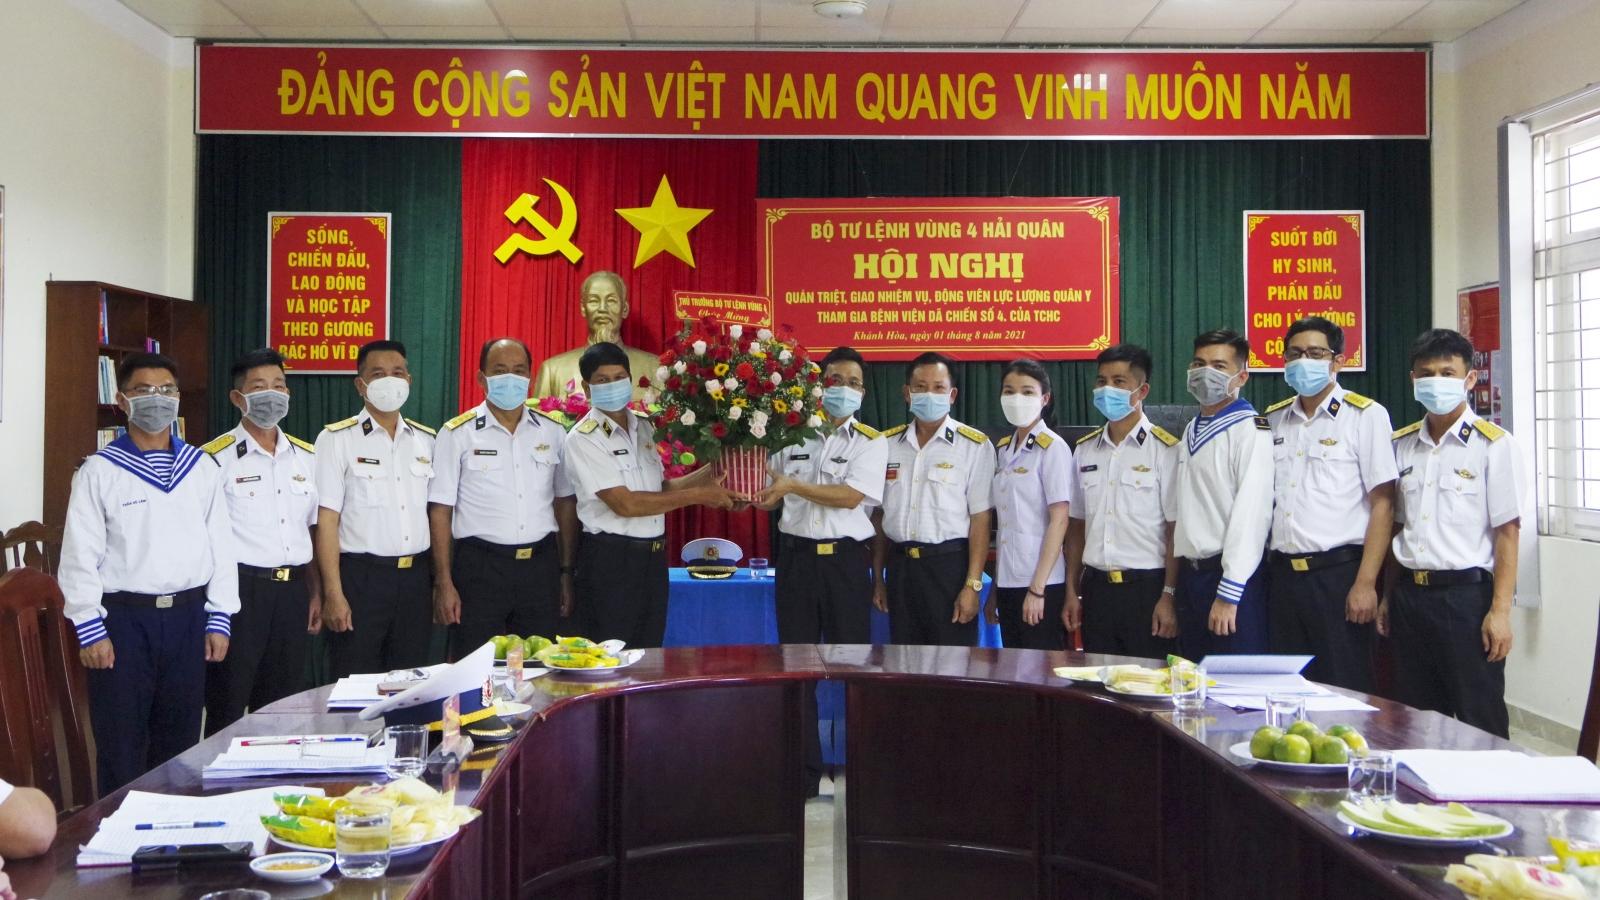 Y bác sĩ Vùng 4 Hải quân tham gia Bệnh viện Dã chiến số 4